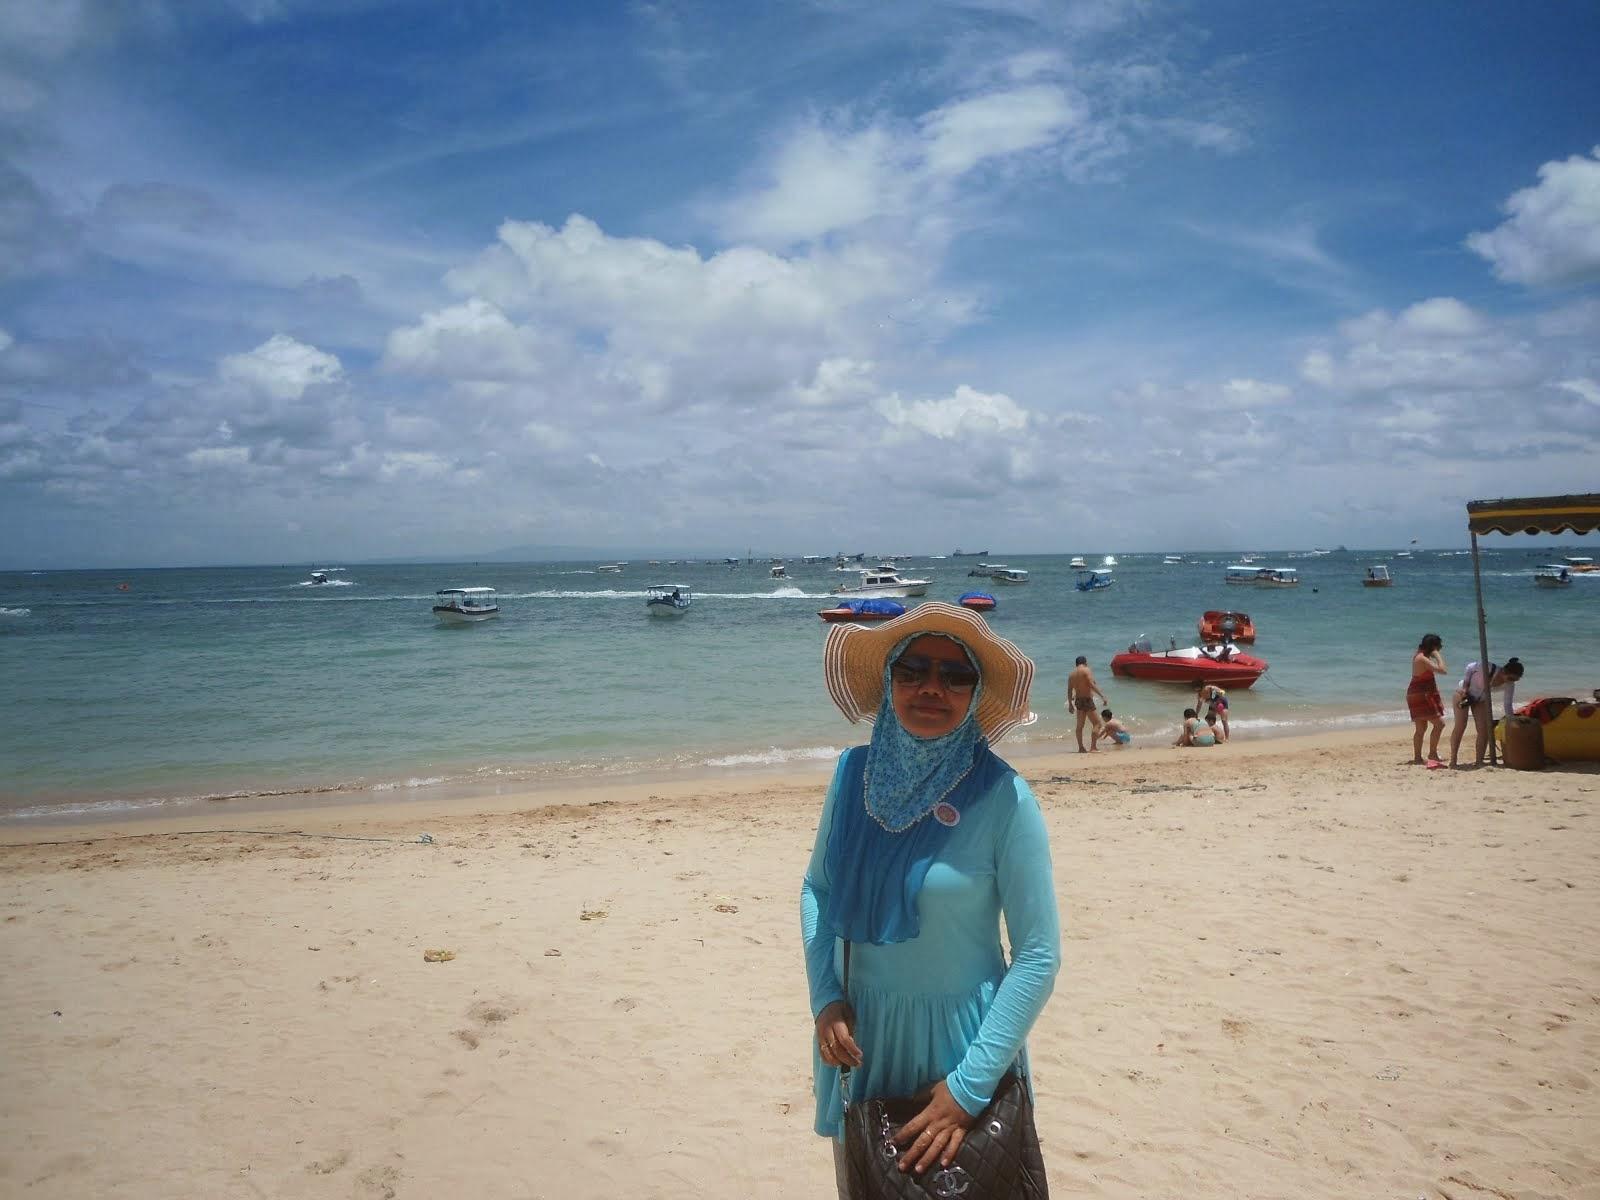 Tanjung Benoa, Bali